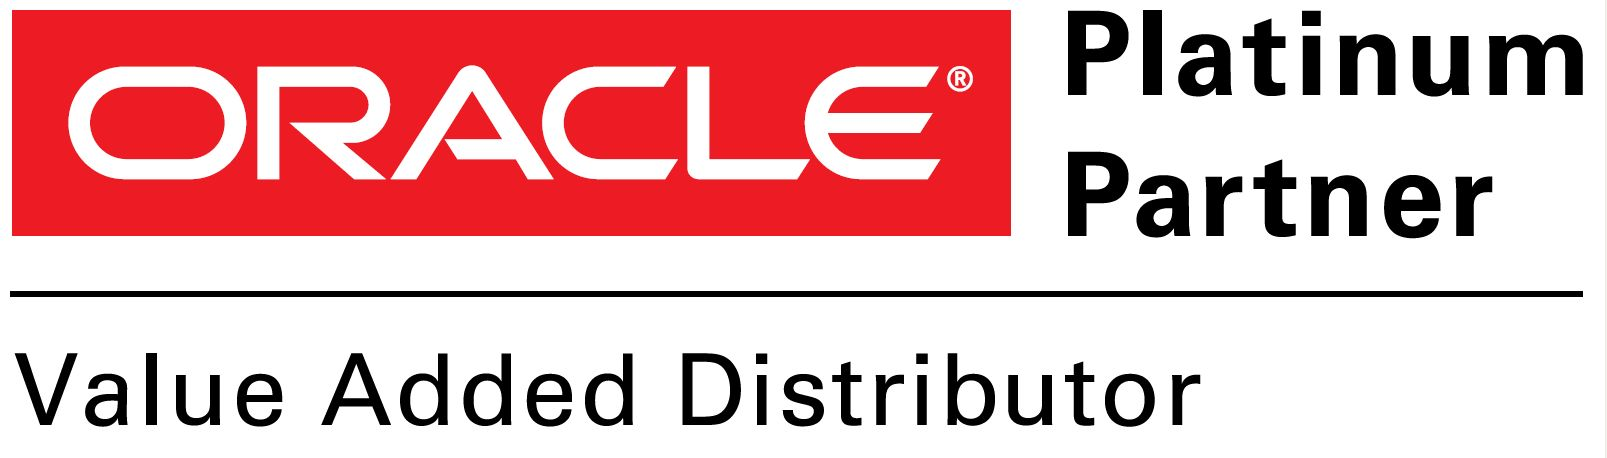 Oracle platinum partner_logo